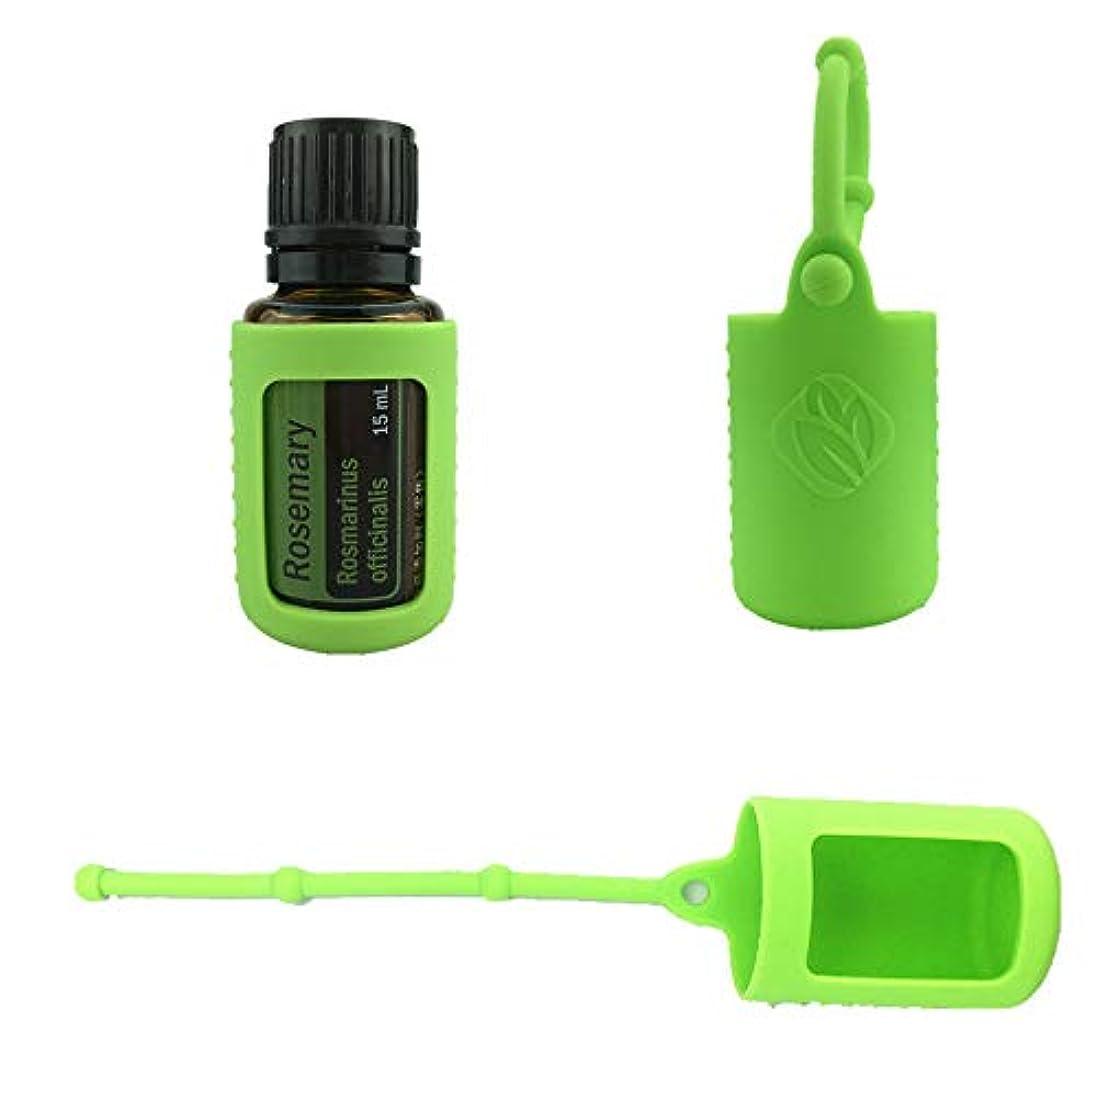 プール主流人柄6パック熱望オイルボトルシリコンローラーボトルホルダースリーブエッセンシャルオイルボトル保護カバーケースハングロープ - グリーン - 6-pcs 15ml